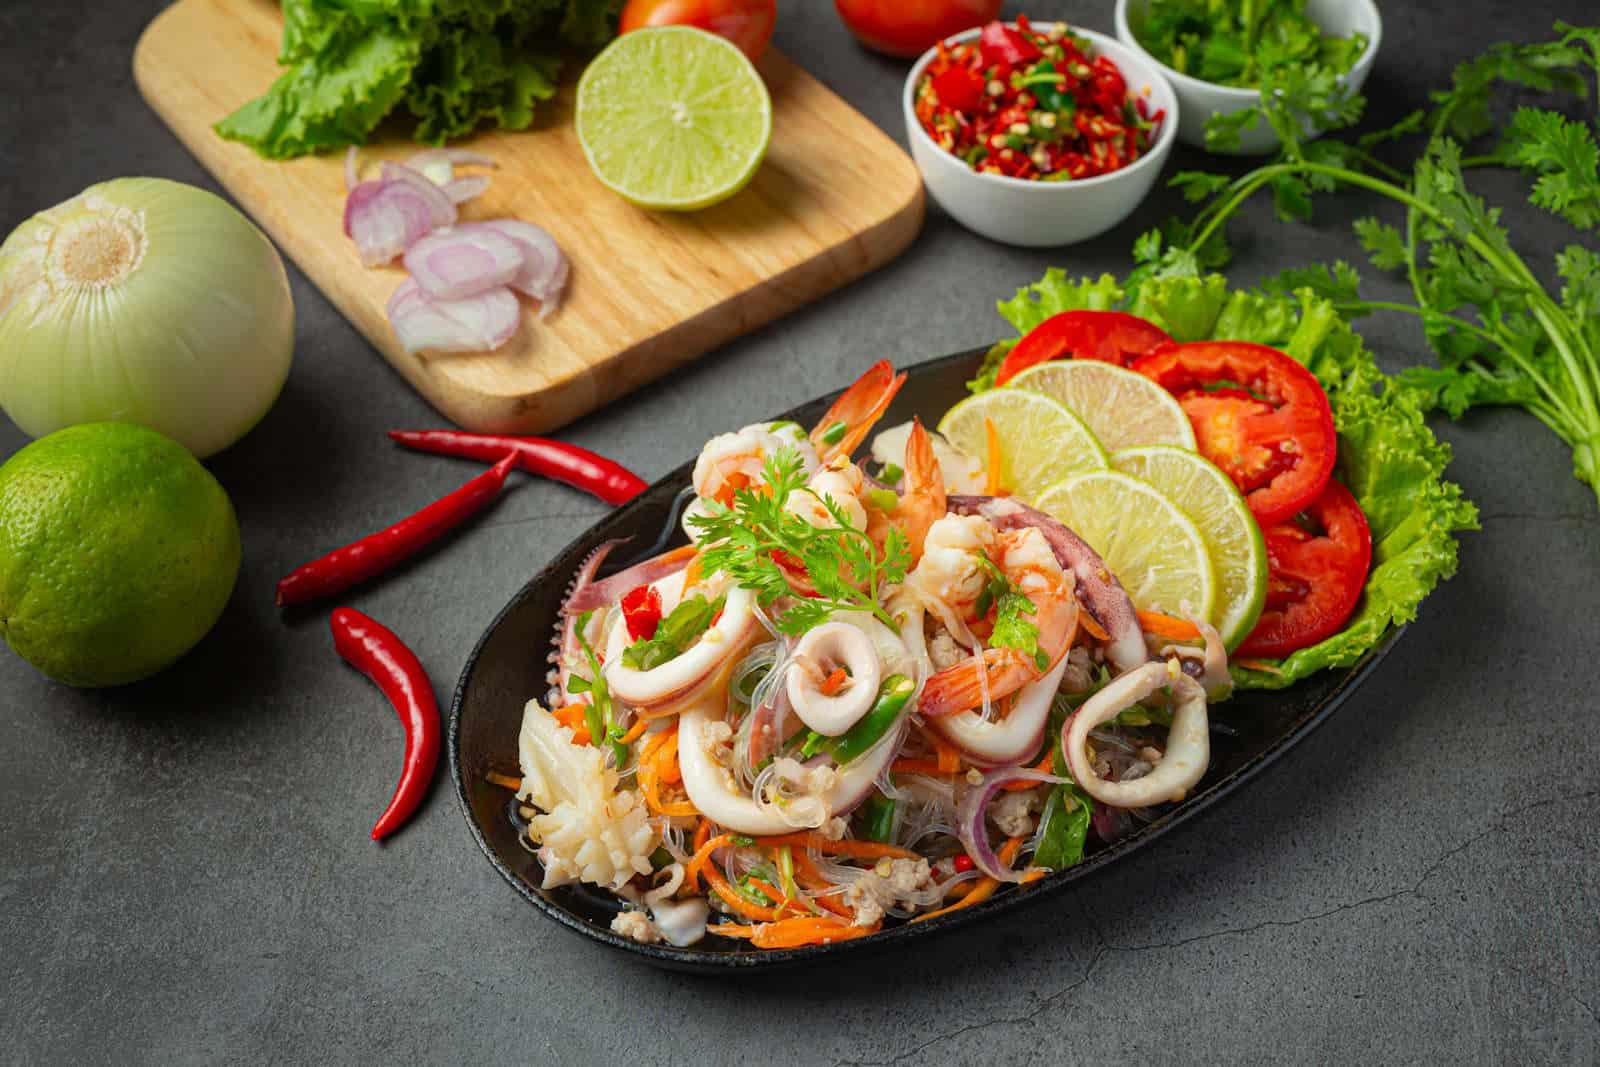 Madam Mam's Thai Cuisine of Austin